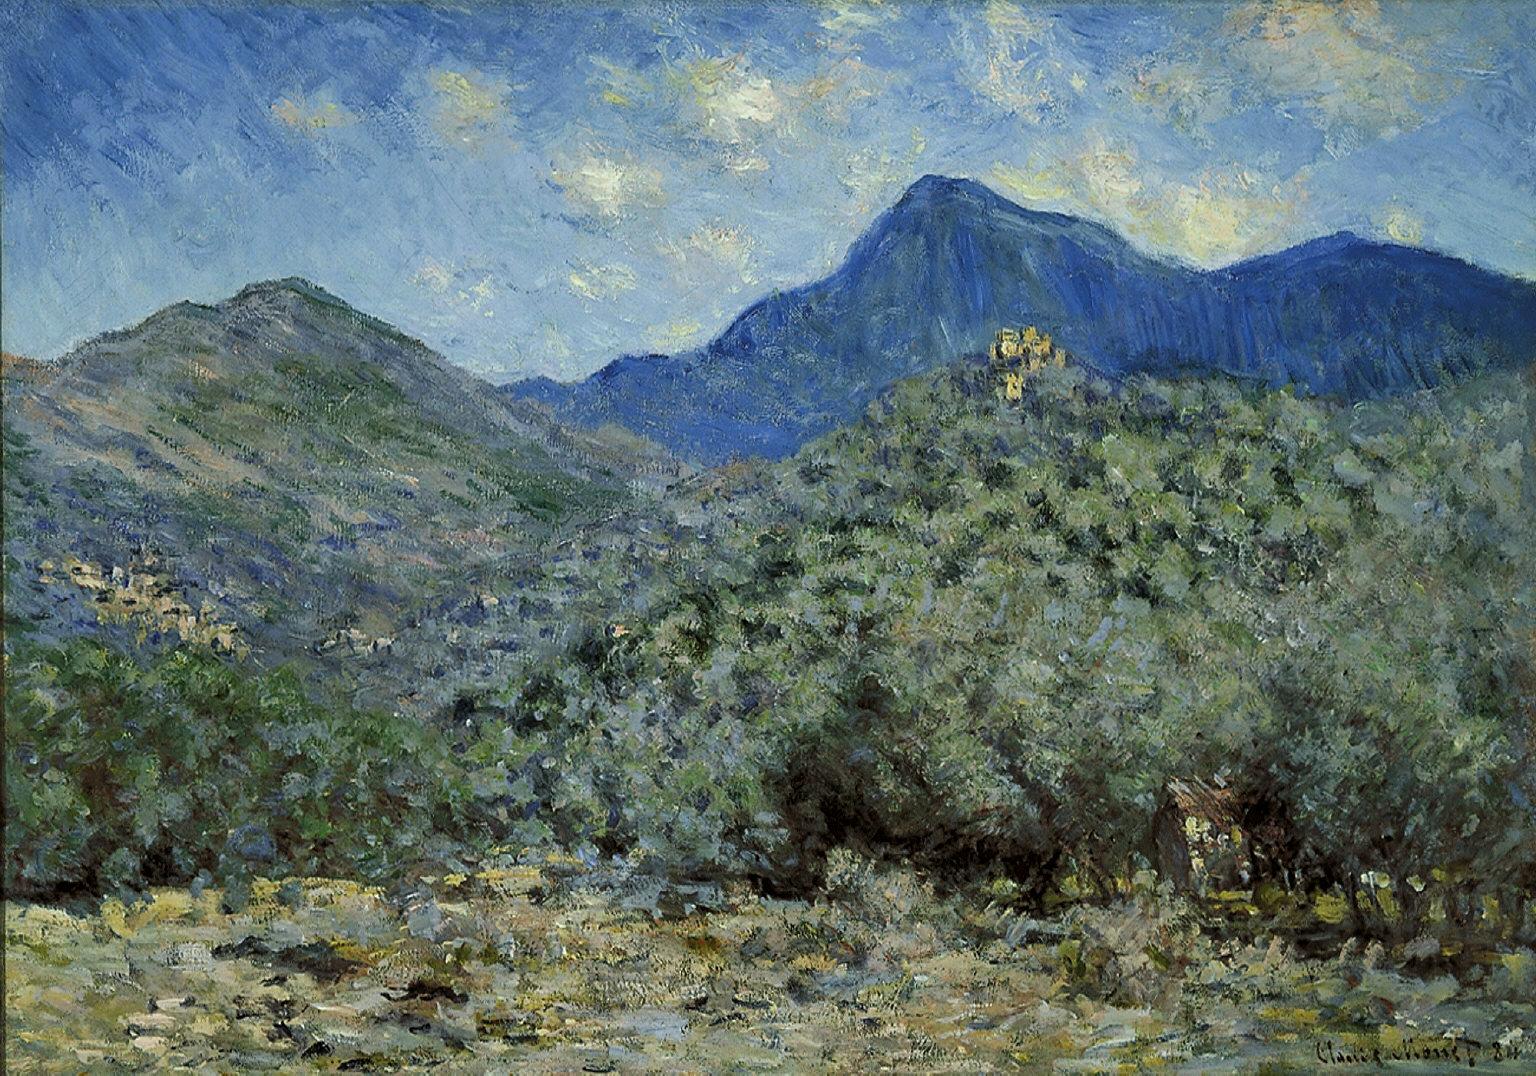 Artworks by Oscar Claude Monet (4 часть) (336 работ) » Страница 3 »  Картины, художники, фотографы на Nevsepic